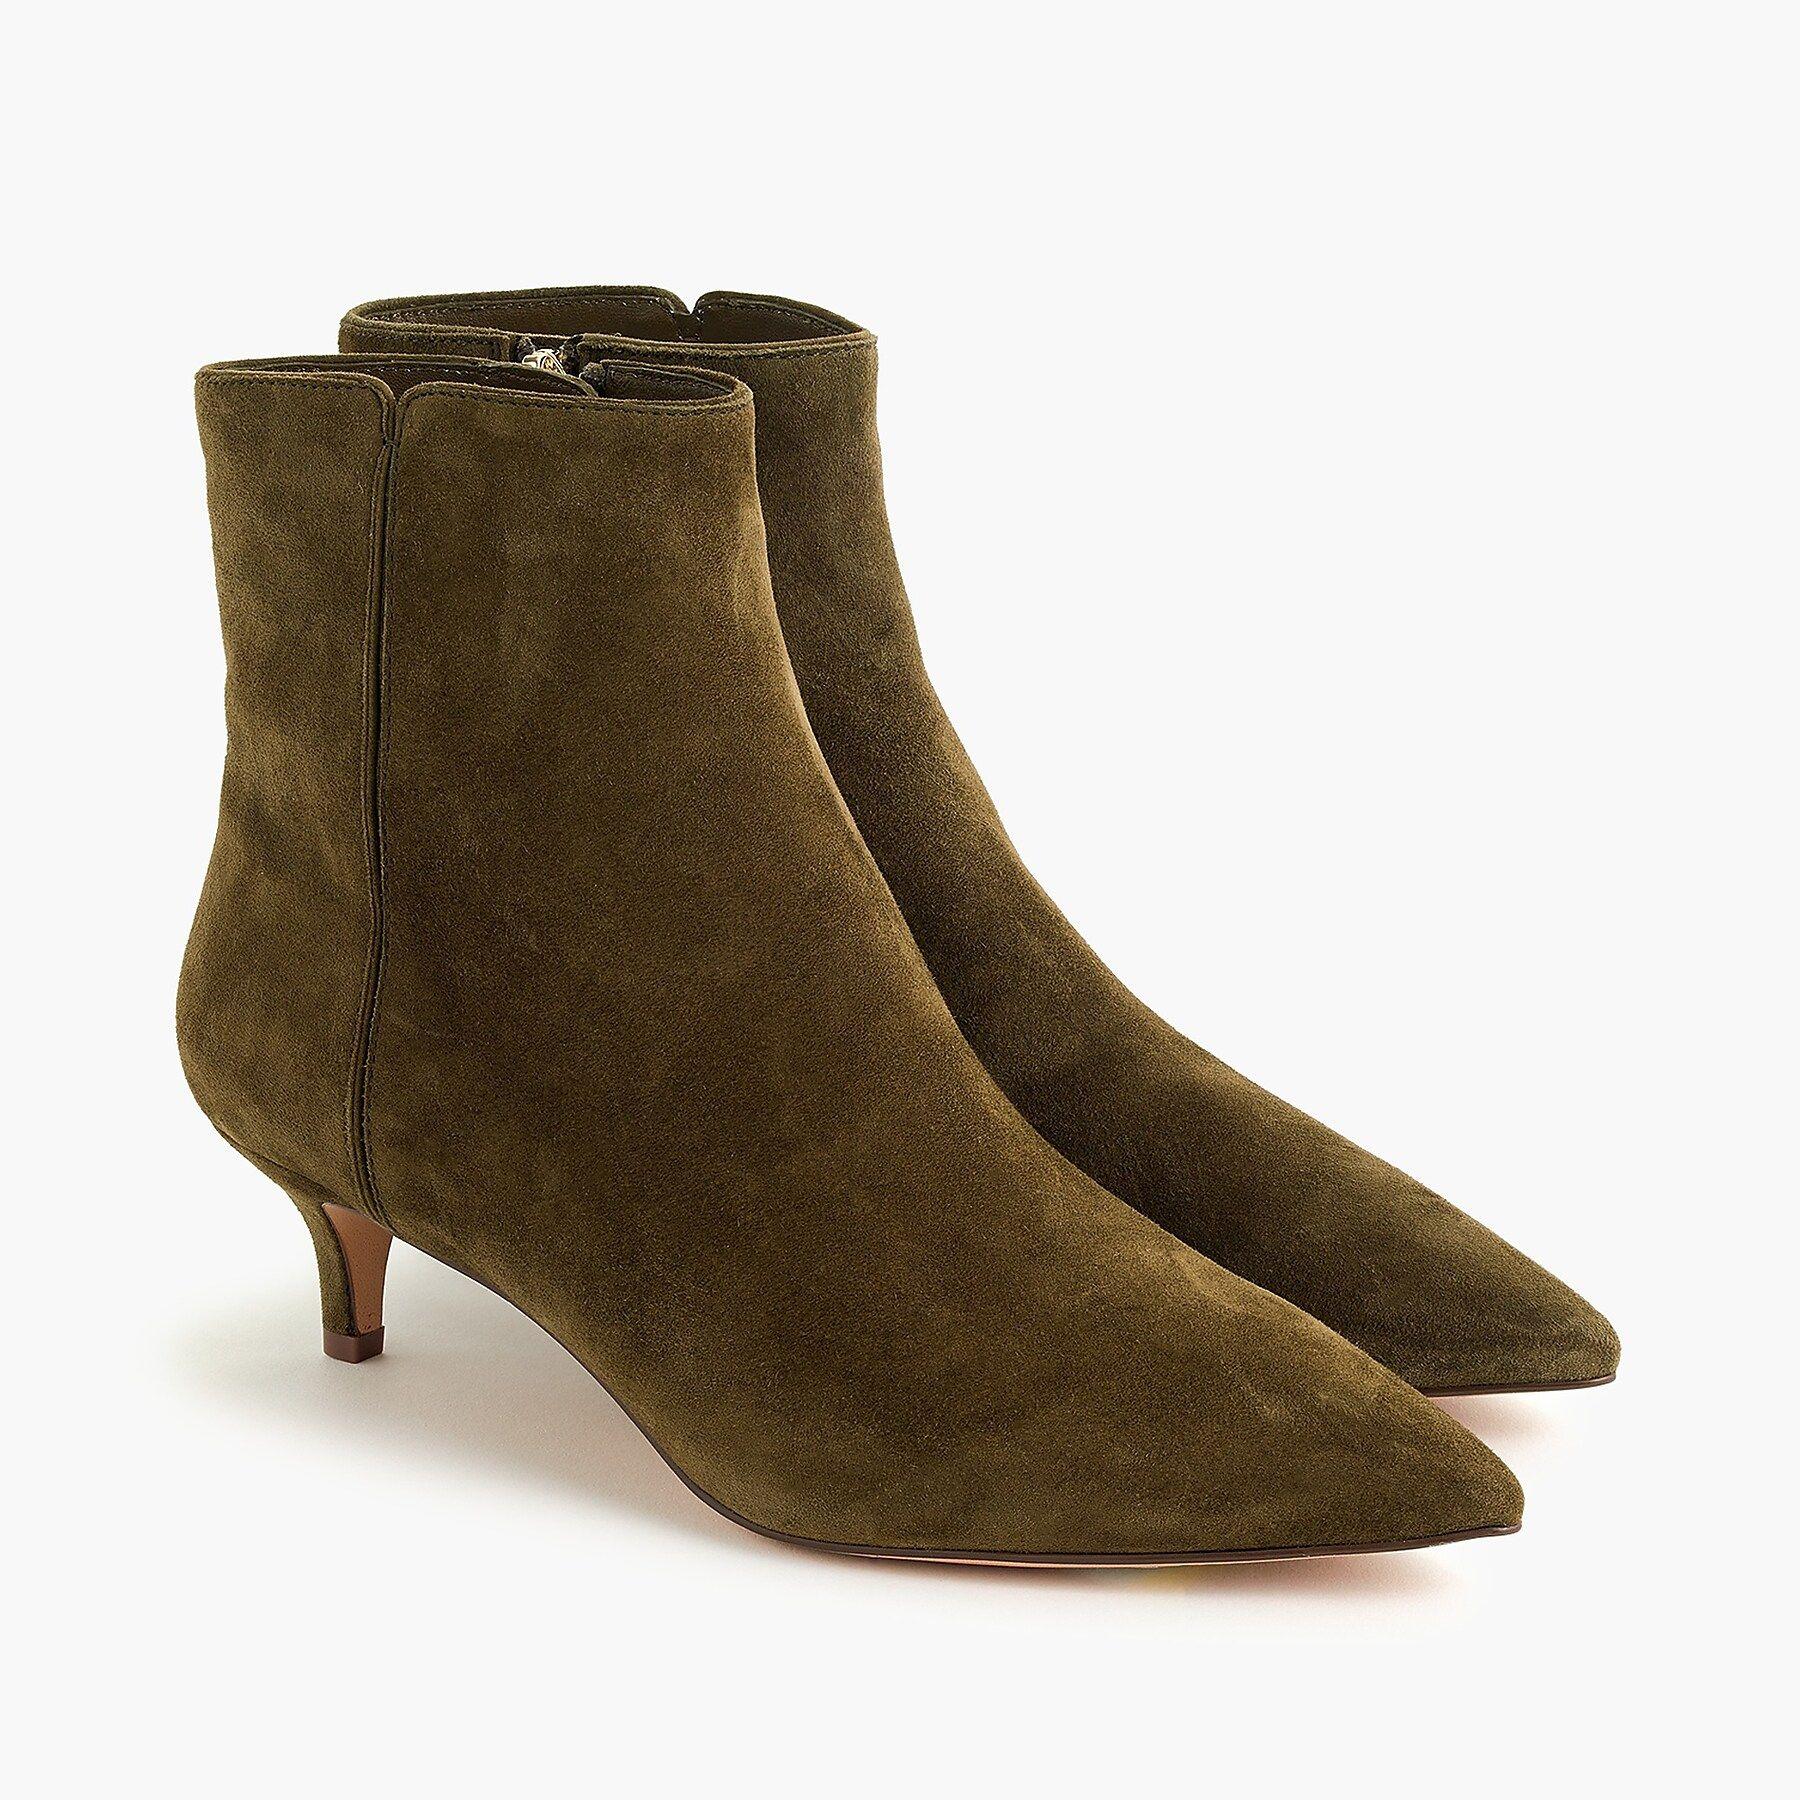 J Crew Fiona Kitten Heel Ankle Boots In Suede In 2020 Kitten Heel Ankle Boots Kitten Heels Outfit Kitten Heel Boots